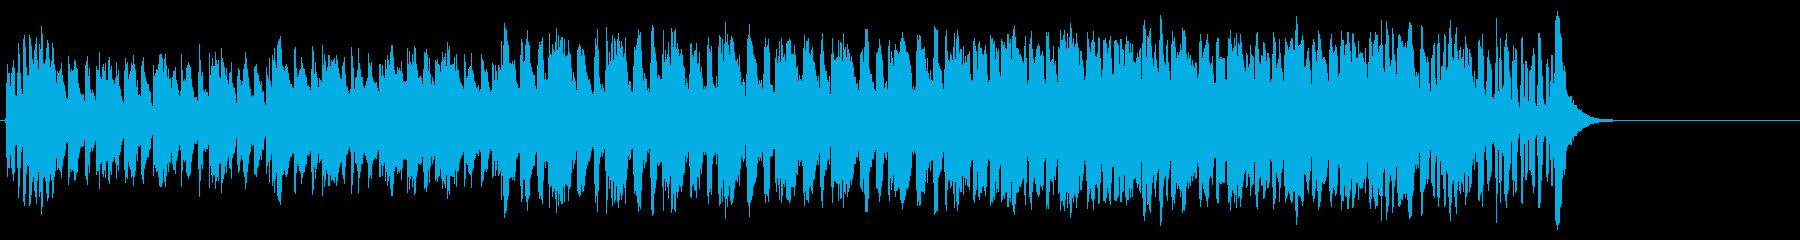 パニック映画風マイナードキュメントの再生済みの波形